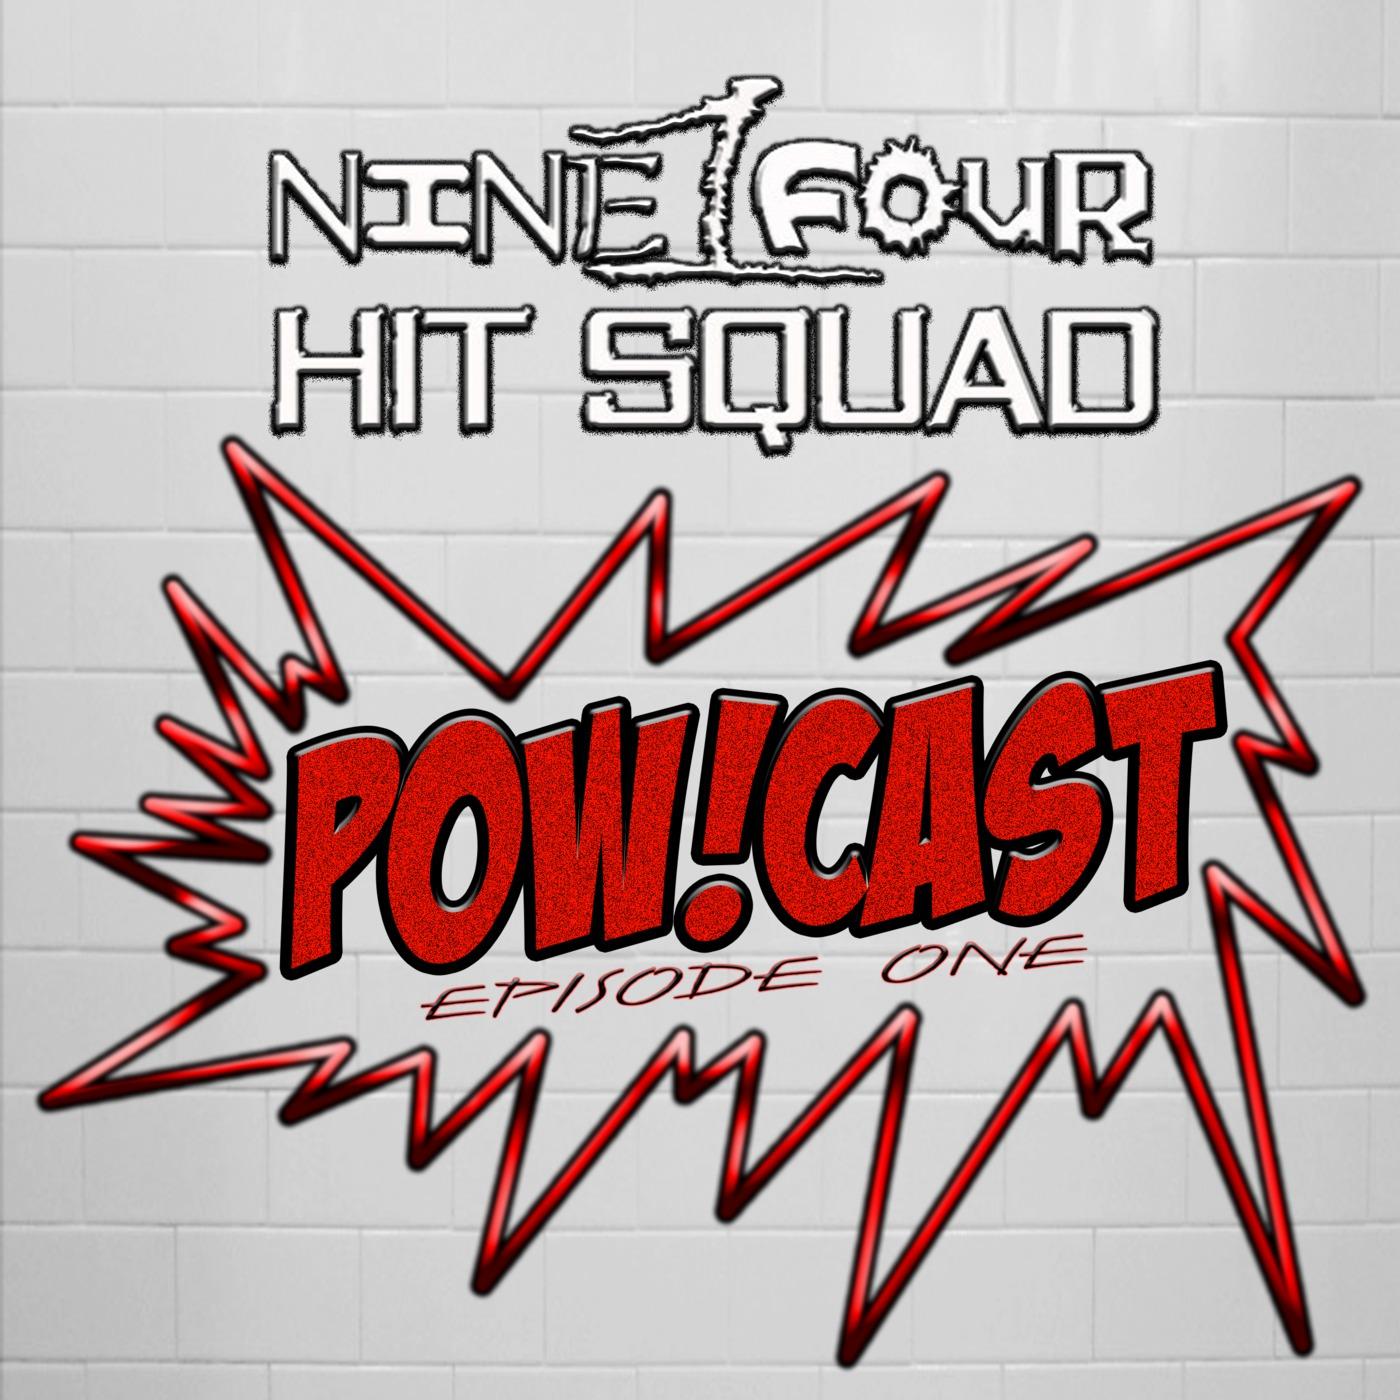 914 Hit Squad - Pow!Cast